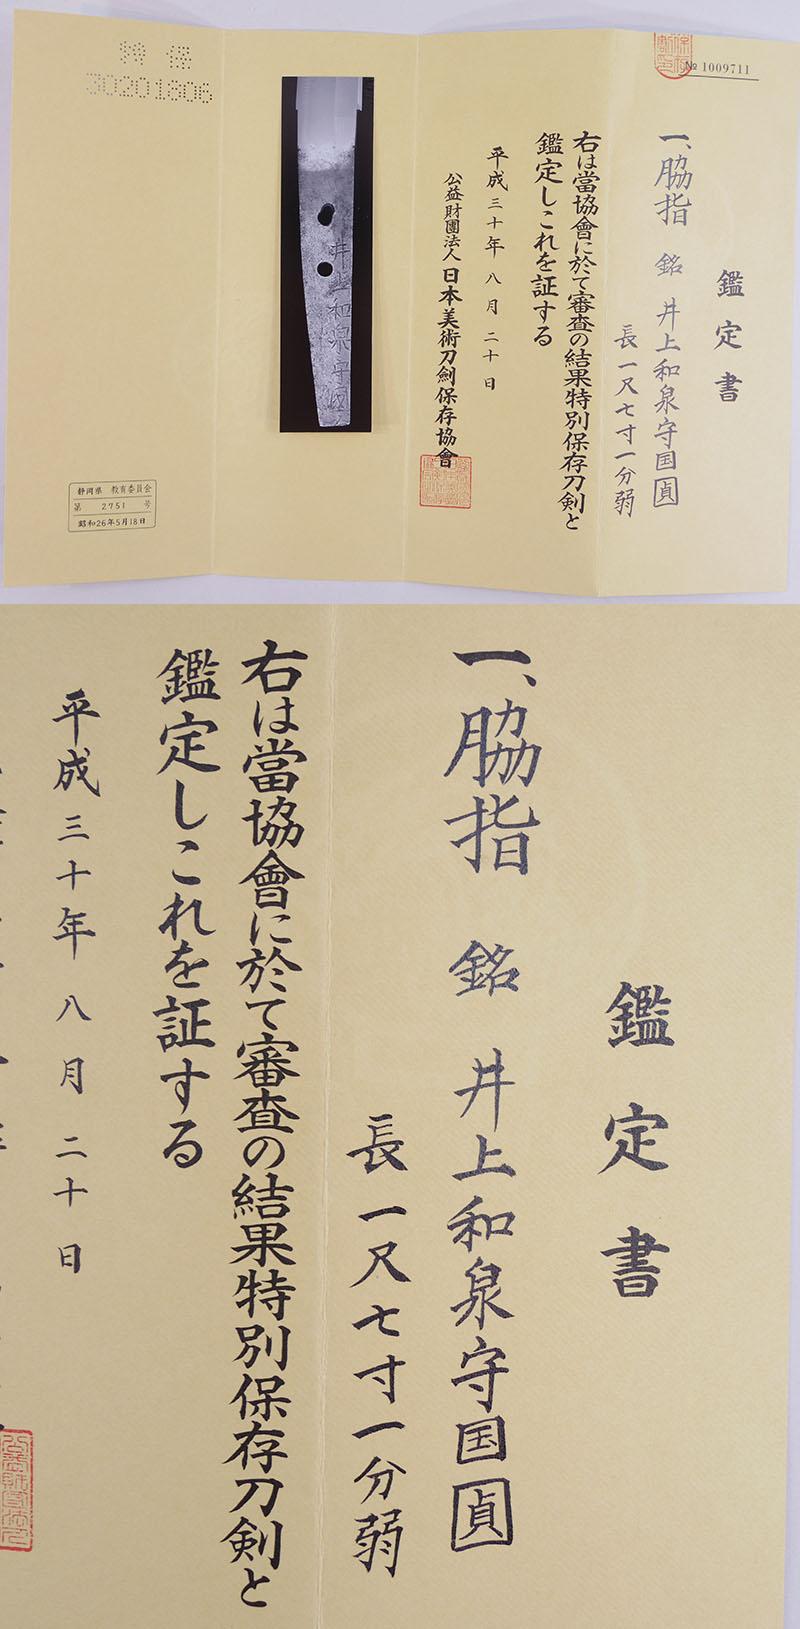 井上和泉守国貞(二代)(井上真改) Picture of Certificate